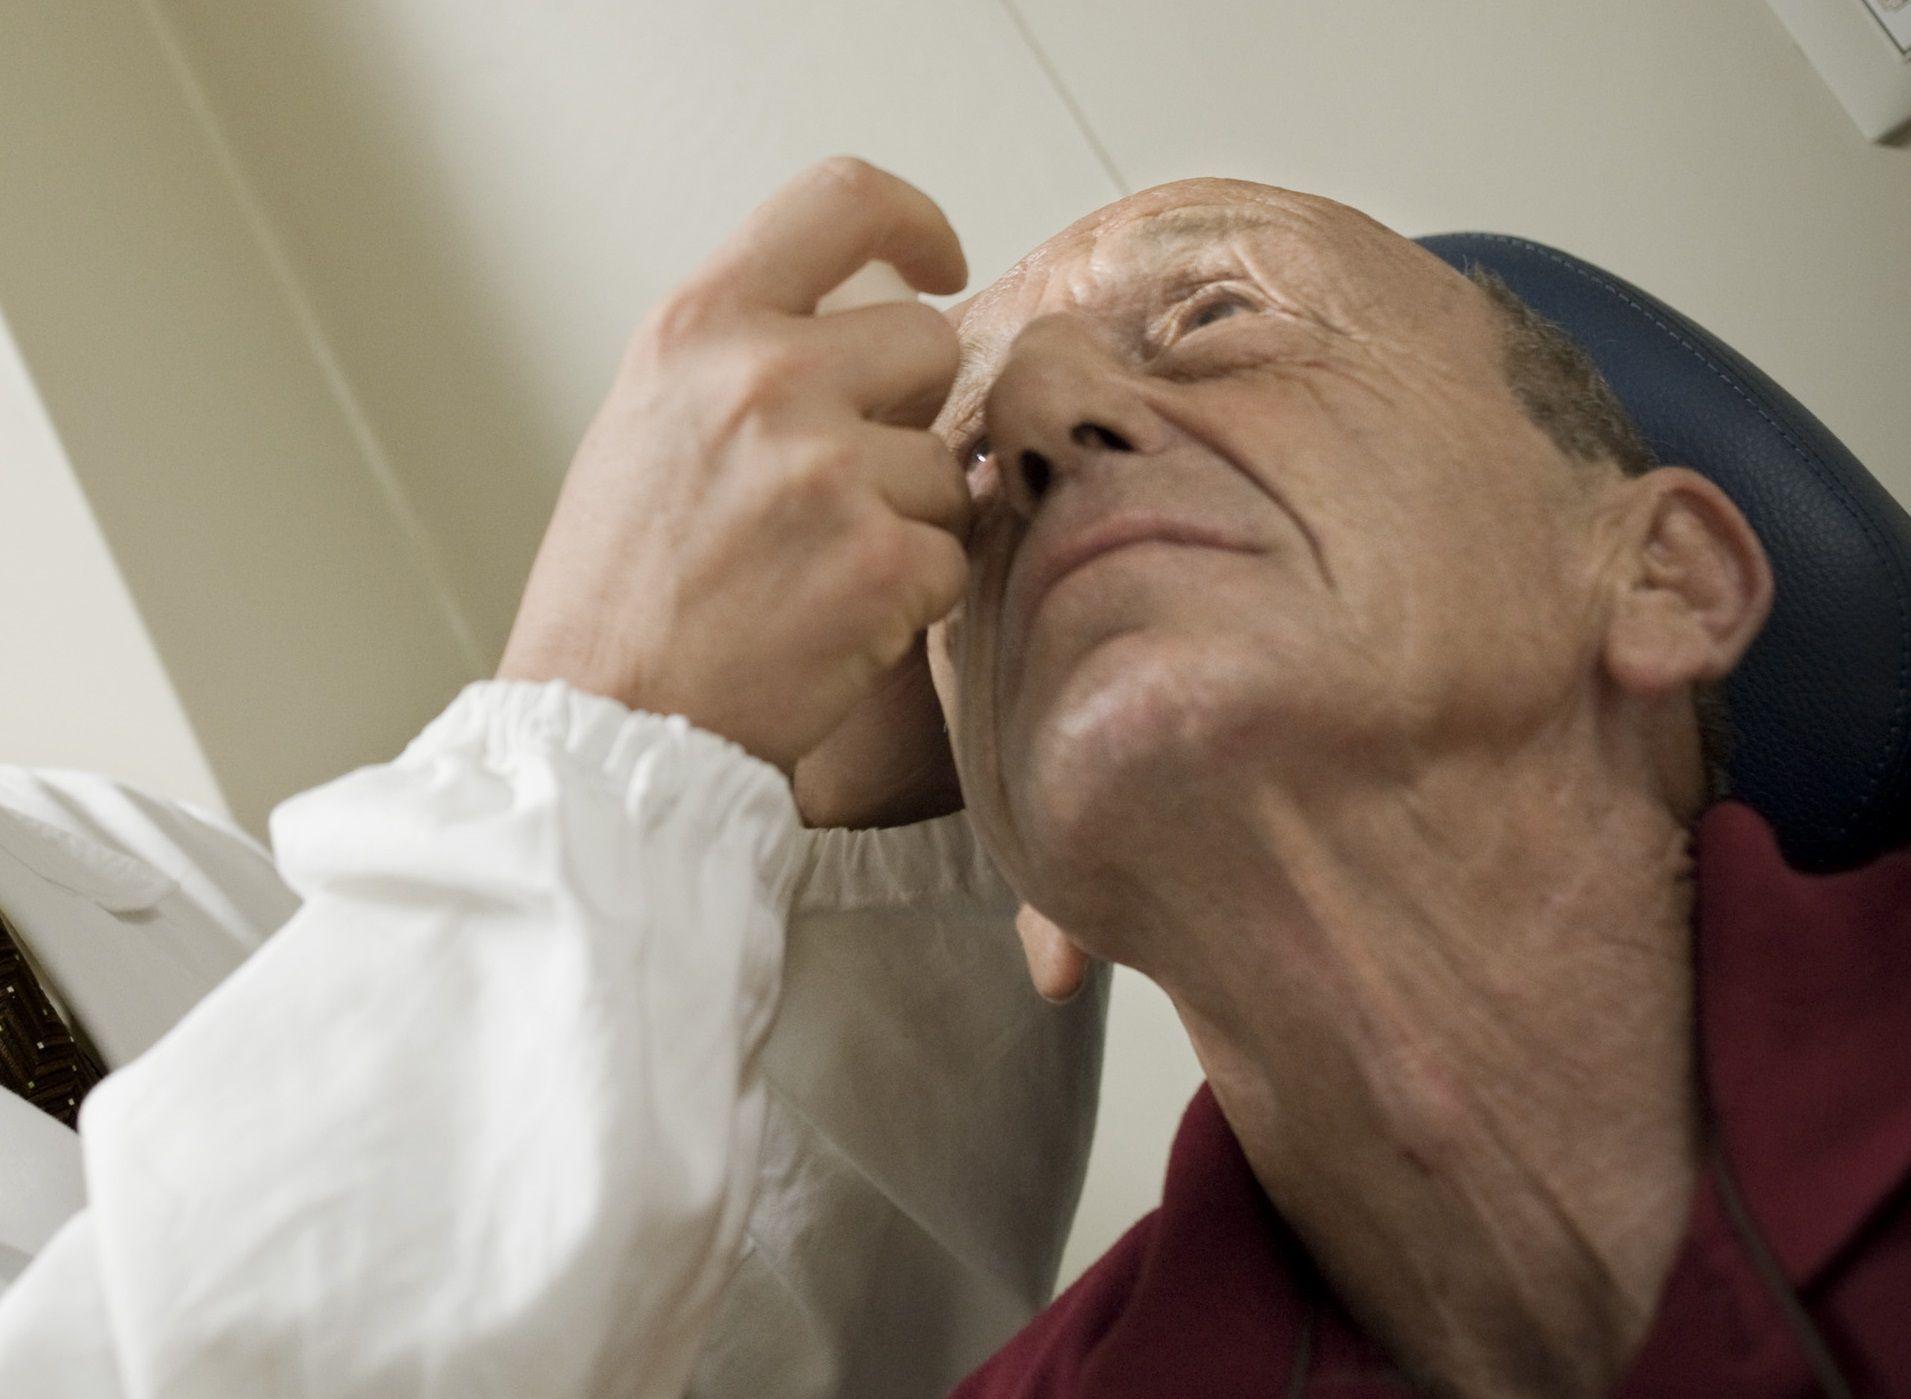 Maculopatia e glaucoma si cureranno con un cerotto